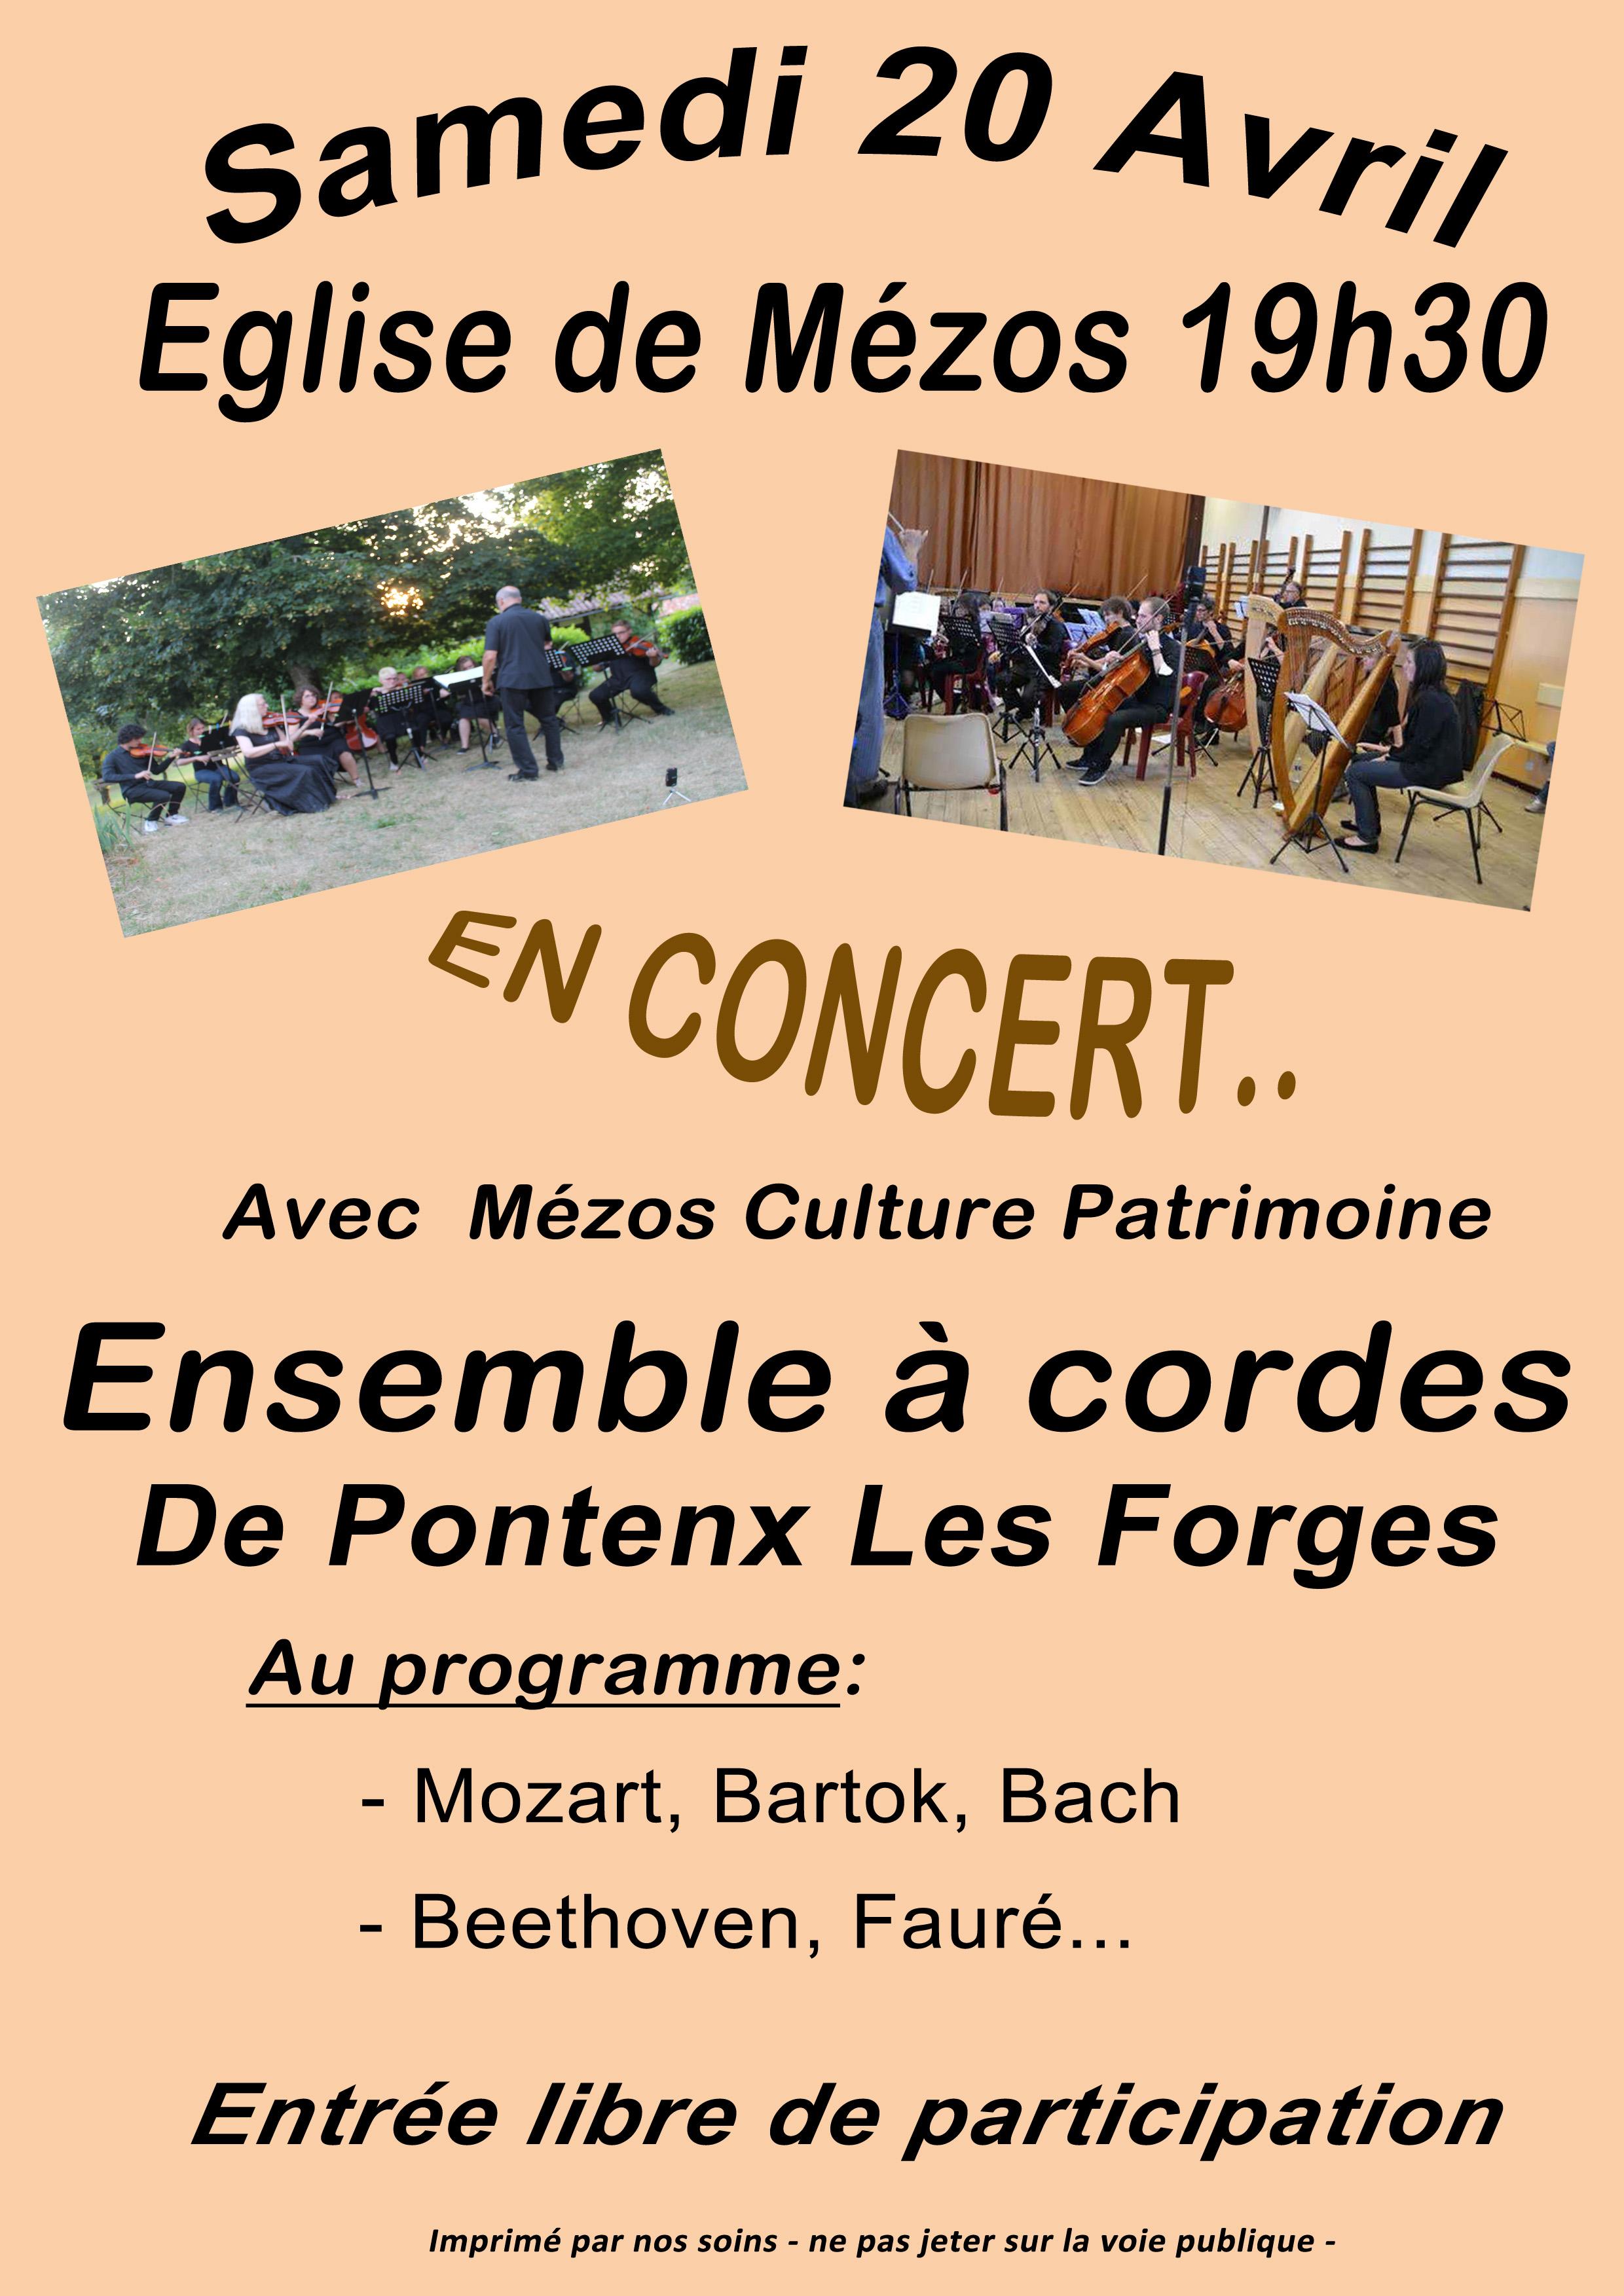 Concert par l'ensemble à cordes de Pontenx